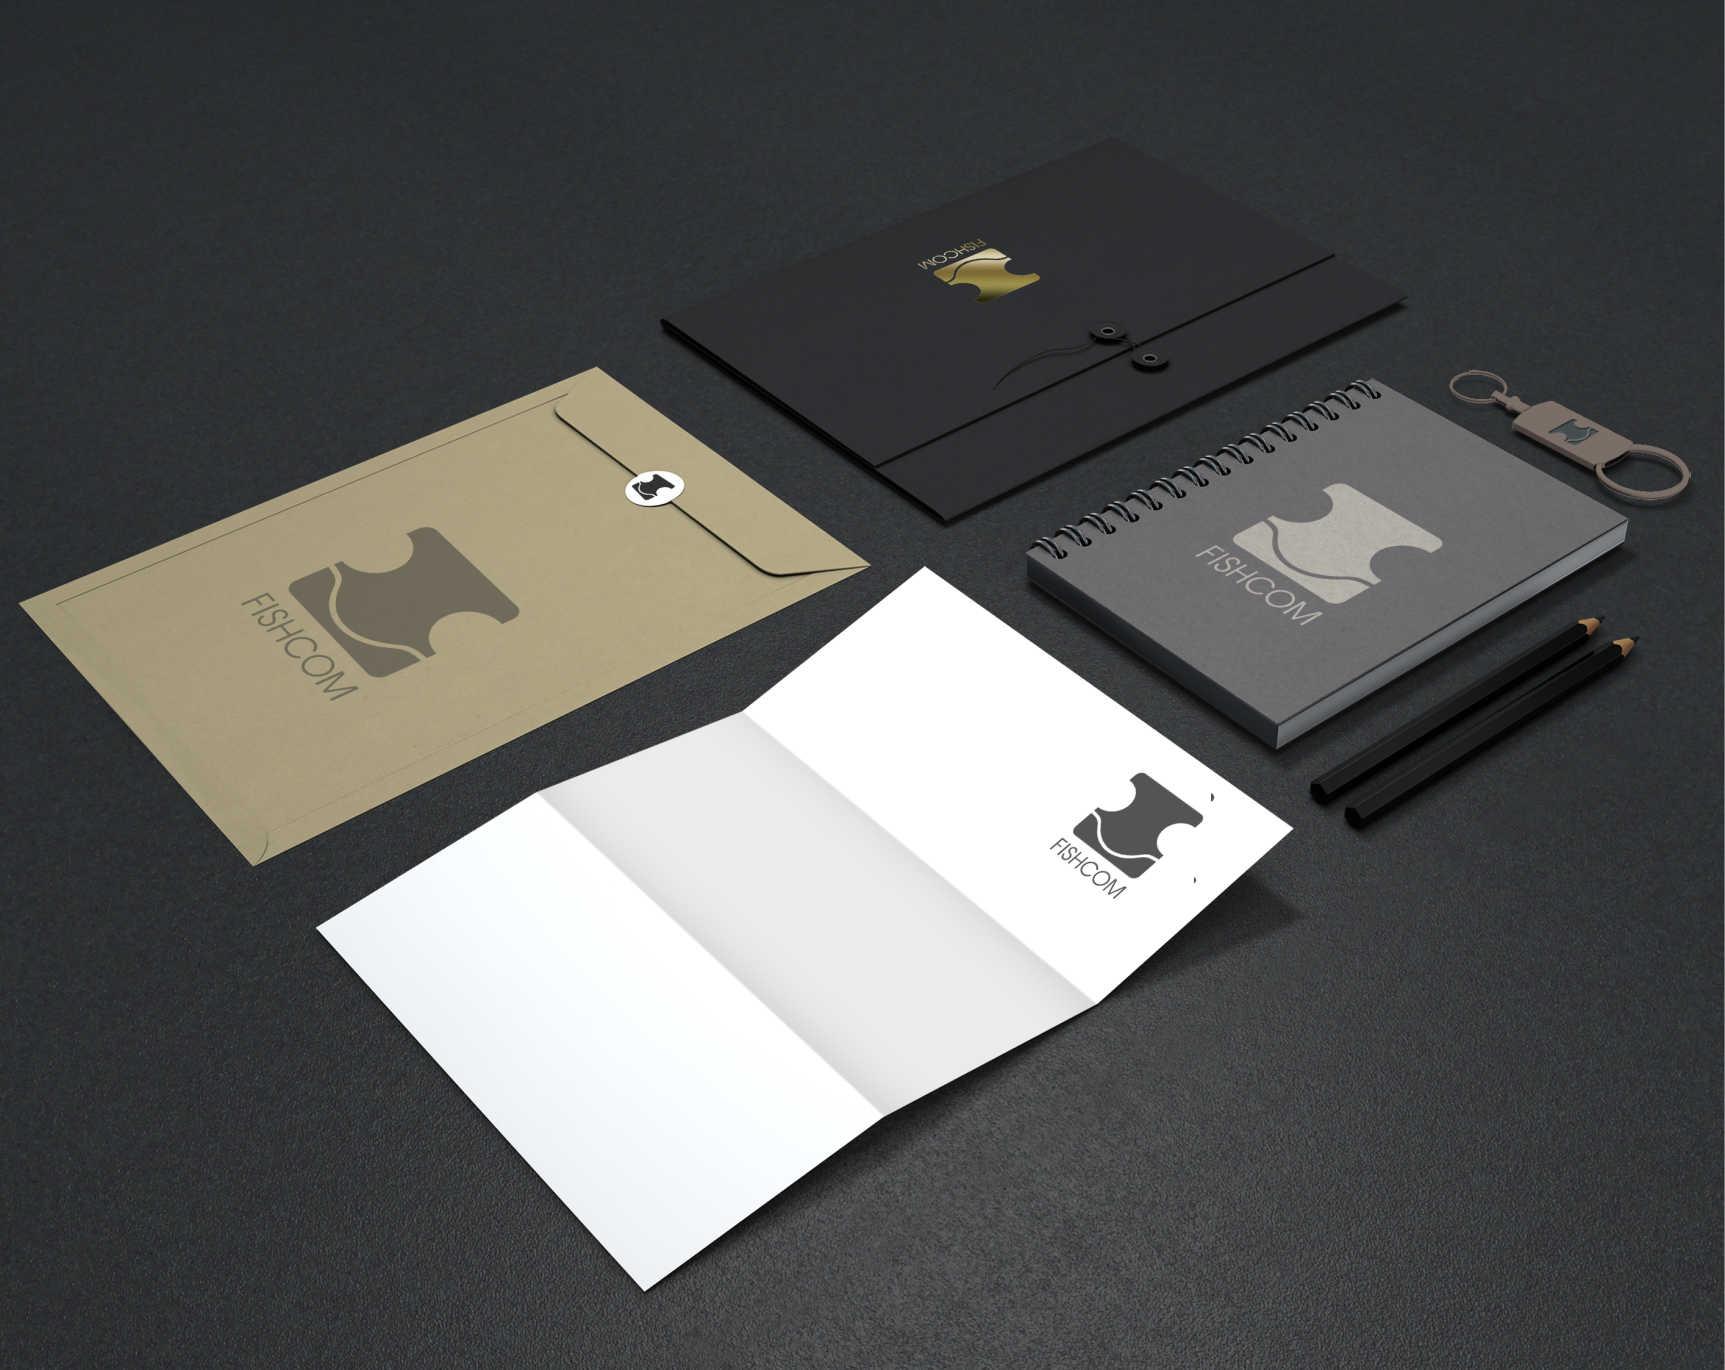 Создание логотипа и брэндбука для компании РЫБКОМ фото f_2795c18d91be53ca.jpg